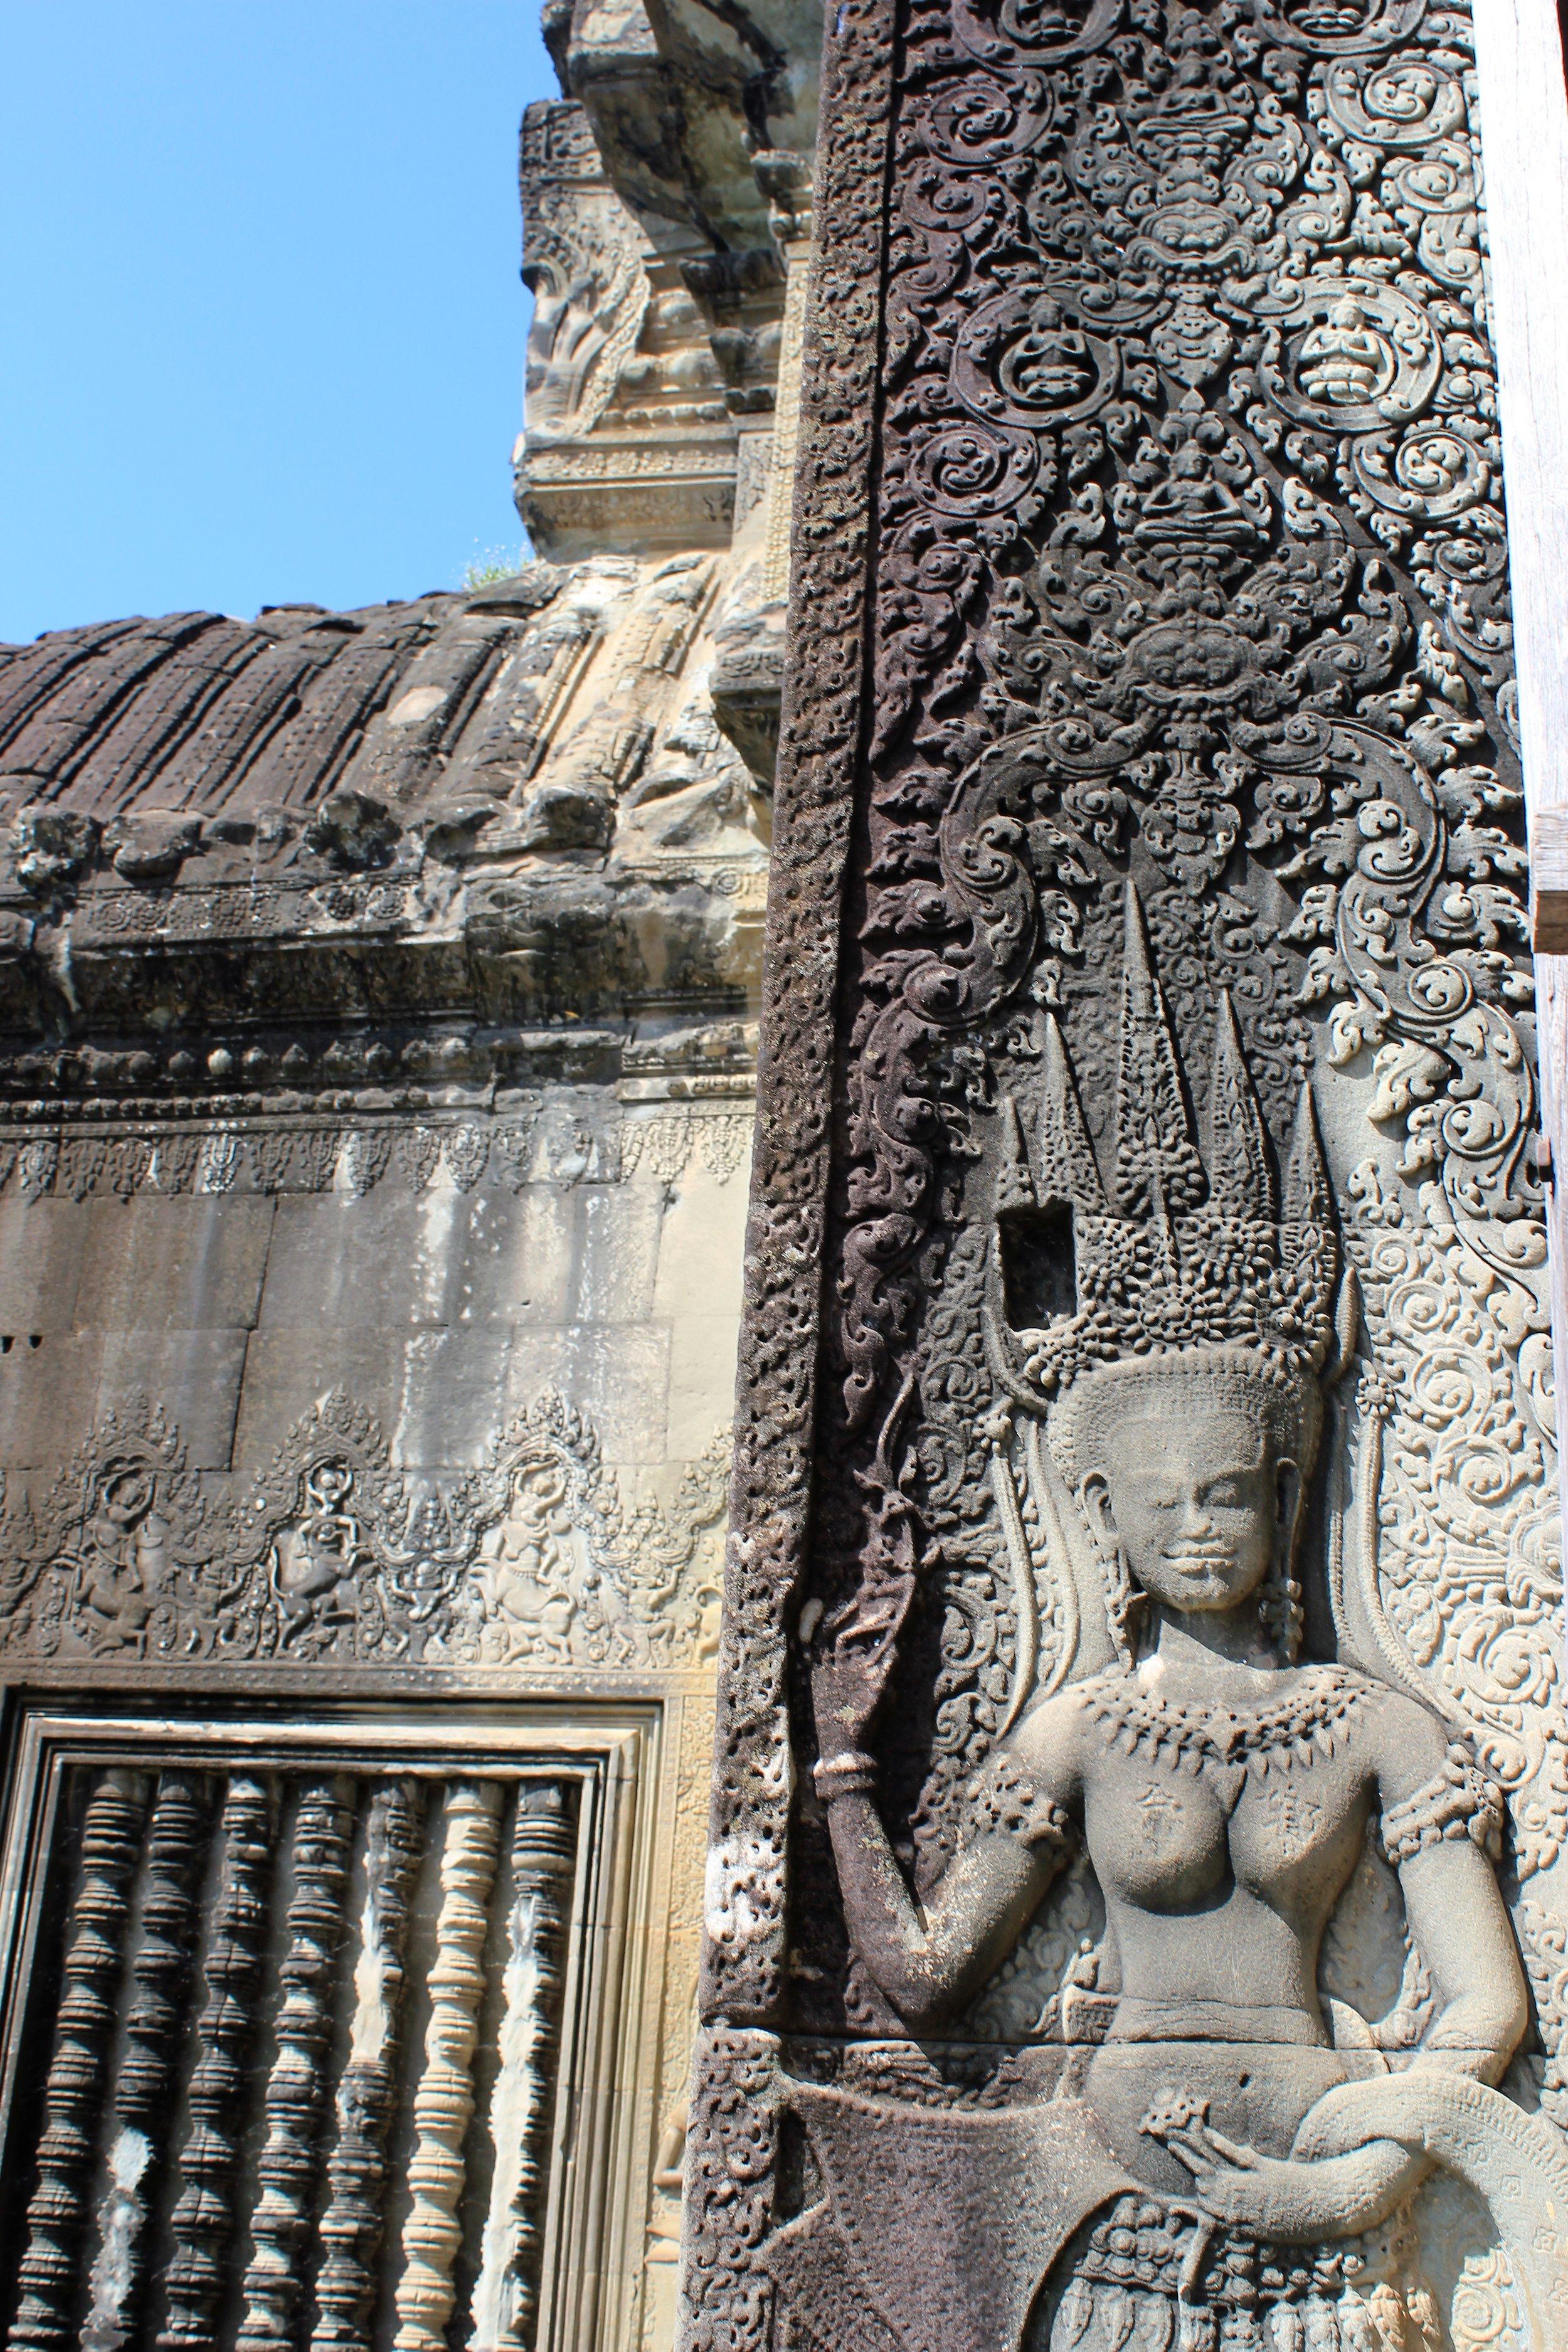 Intraquite detail at Angkor Wat